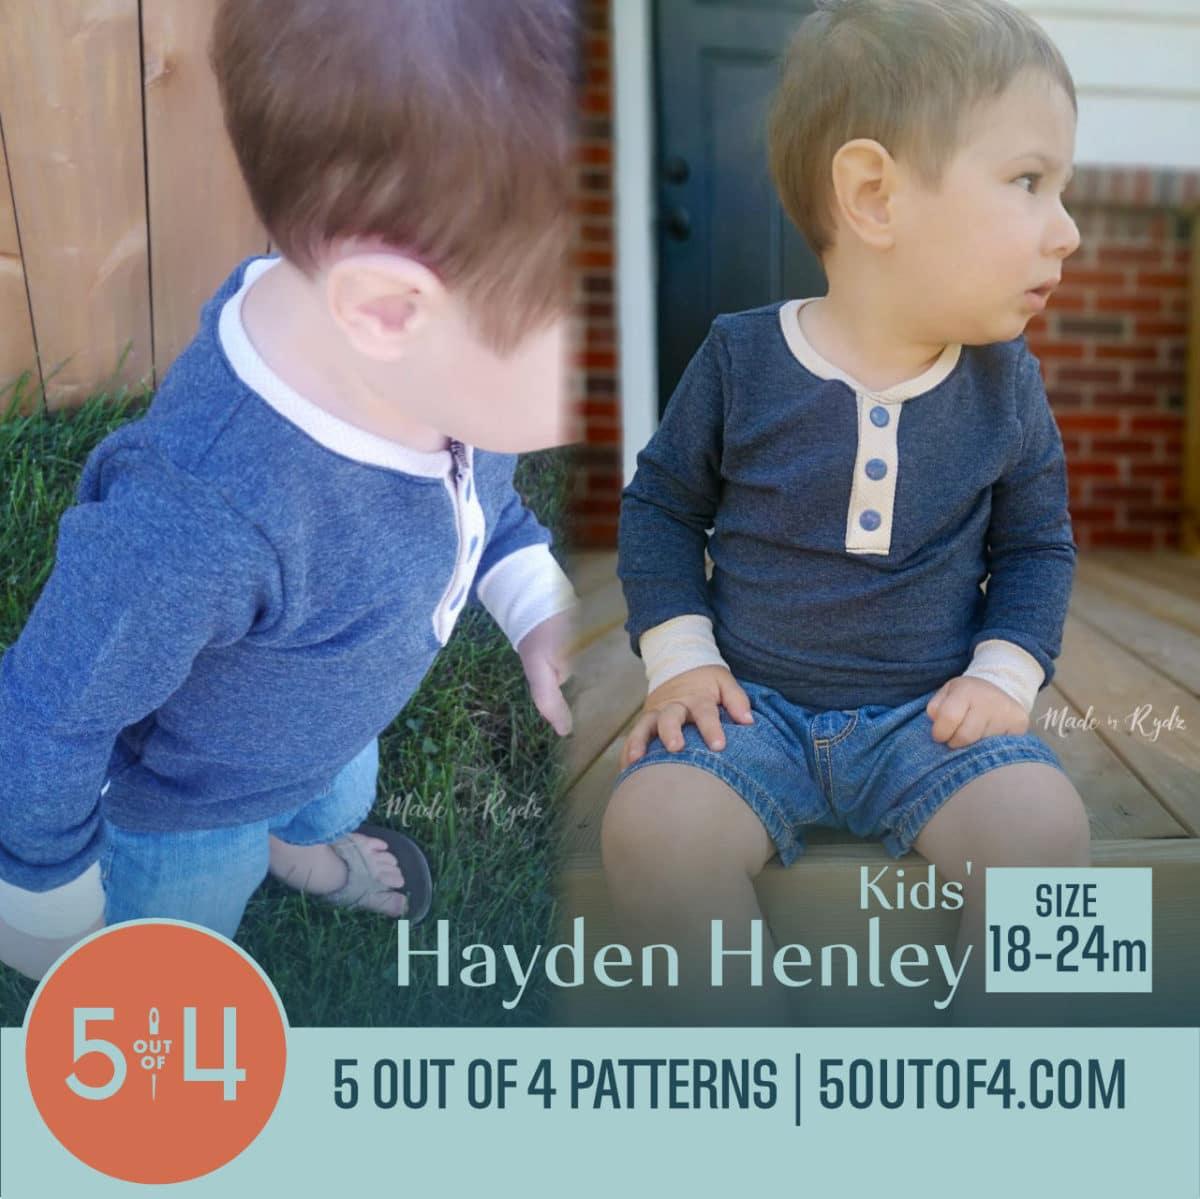 5oo4 Kids' Hayden Henley